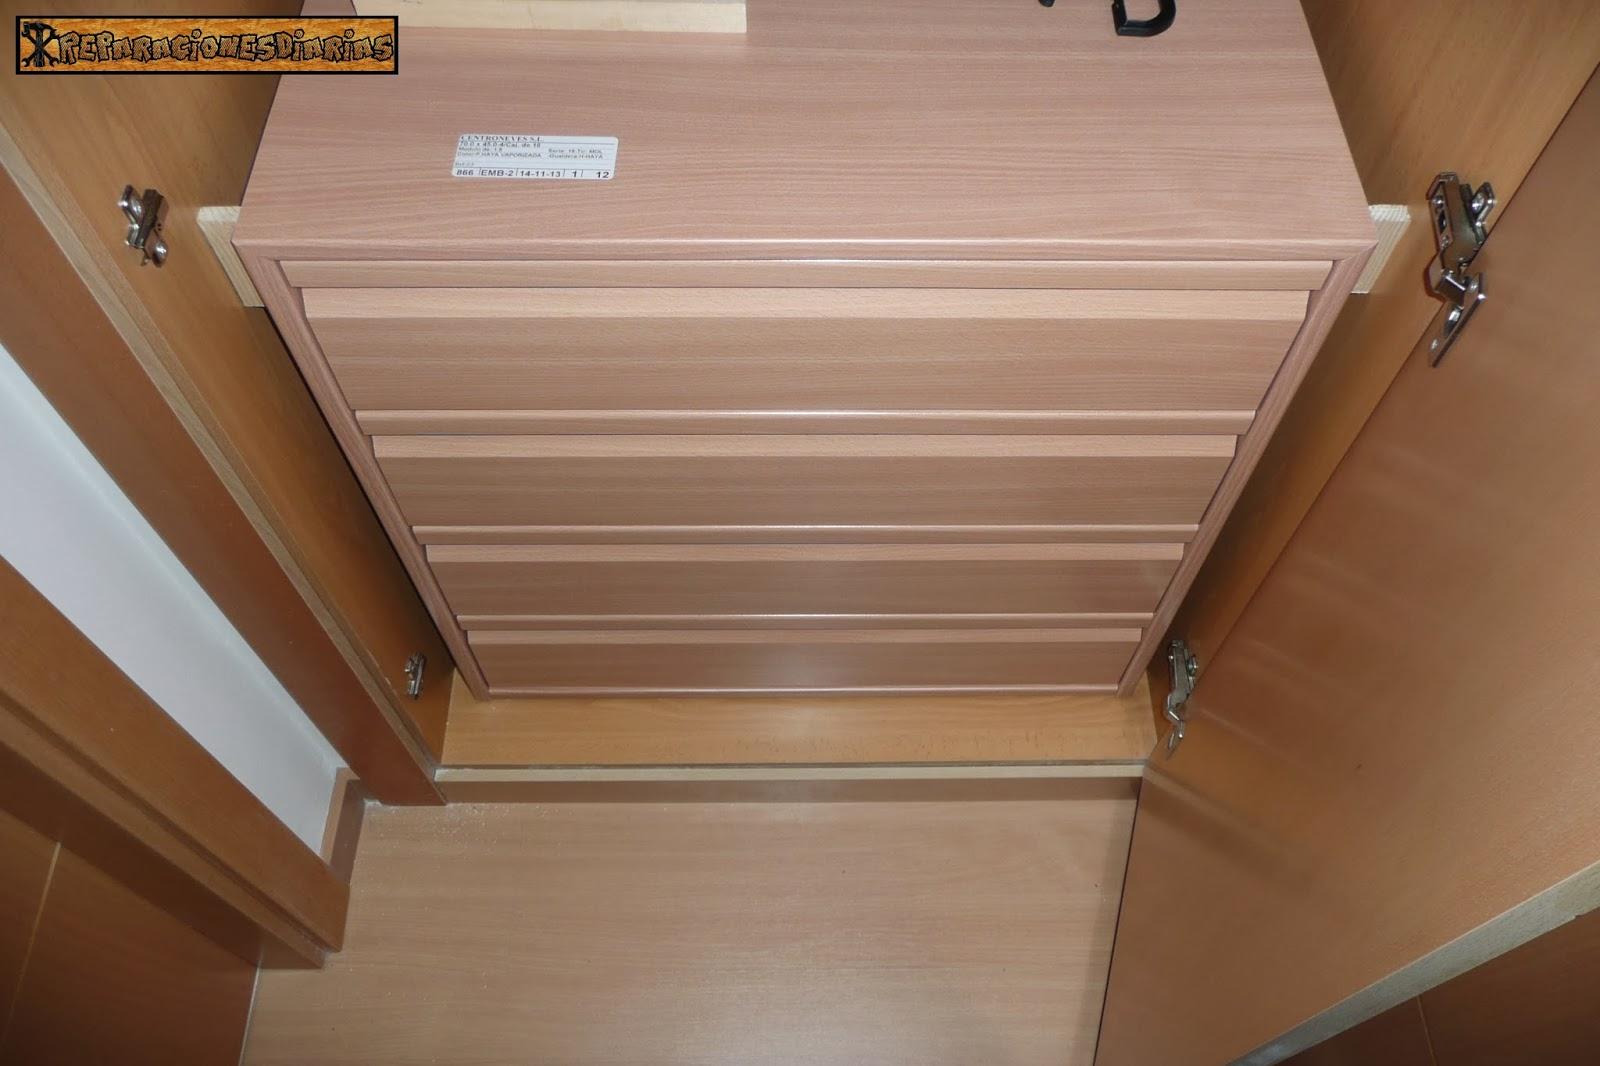 Reparacionesdiarias instalar unas cajoneras en los armarios - Cajoneras para armario ...